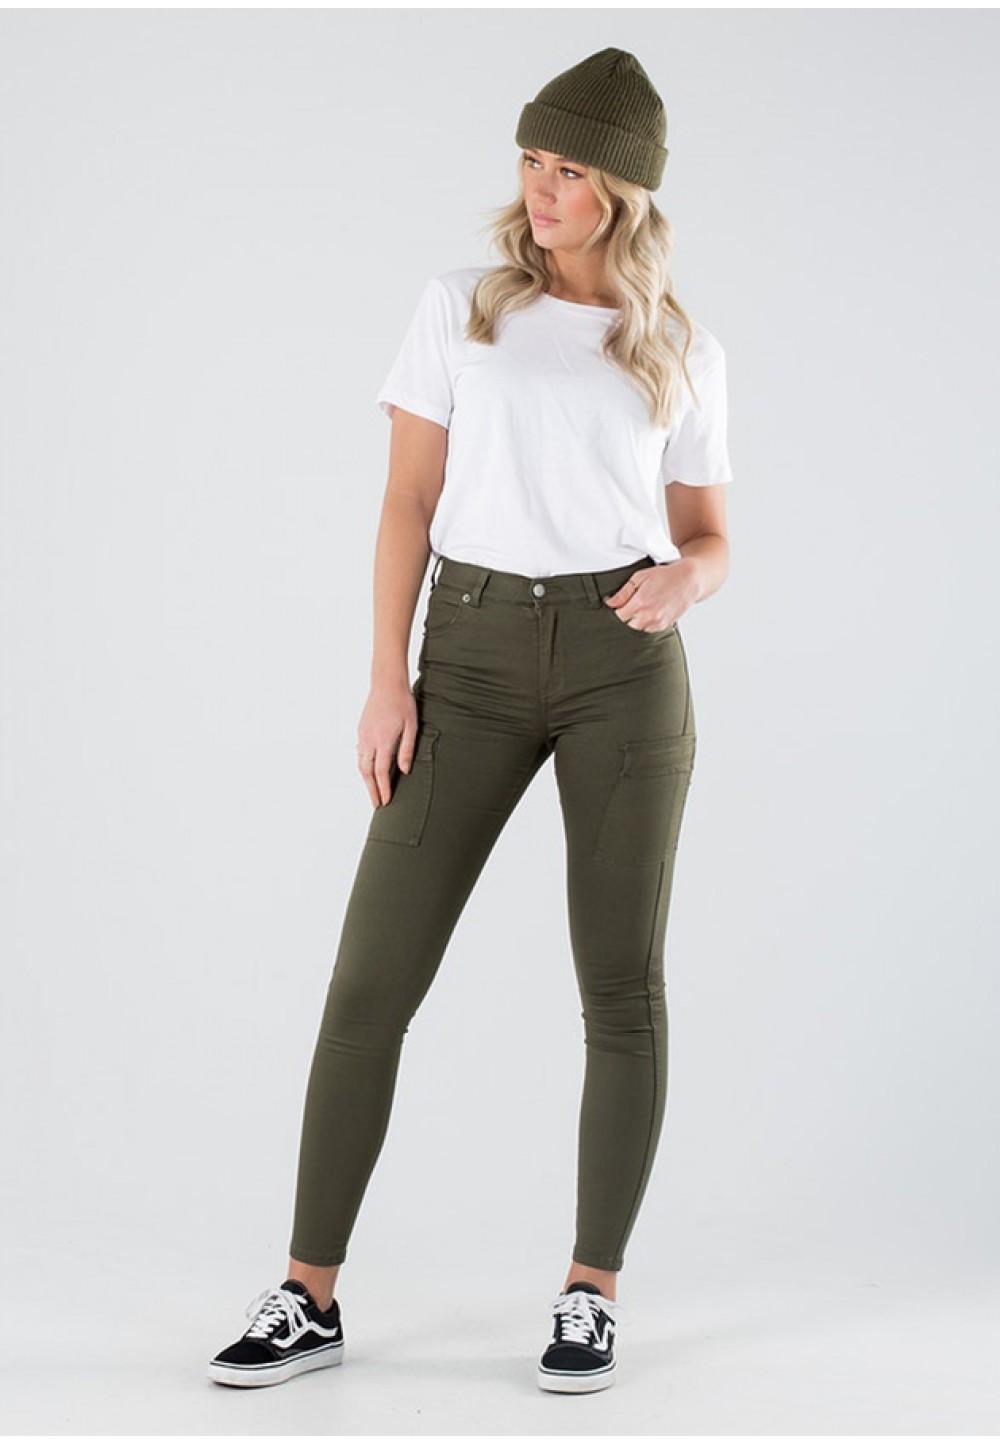 Стильные узкие брюки цвета хаки